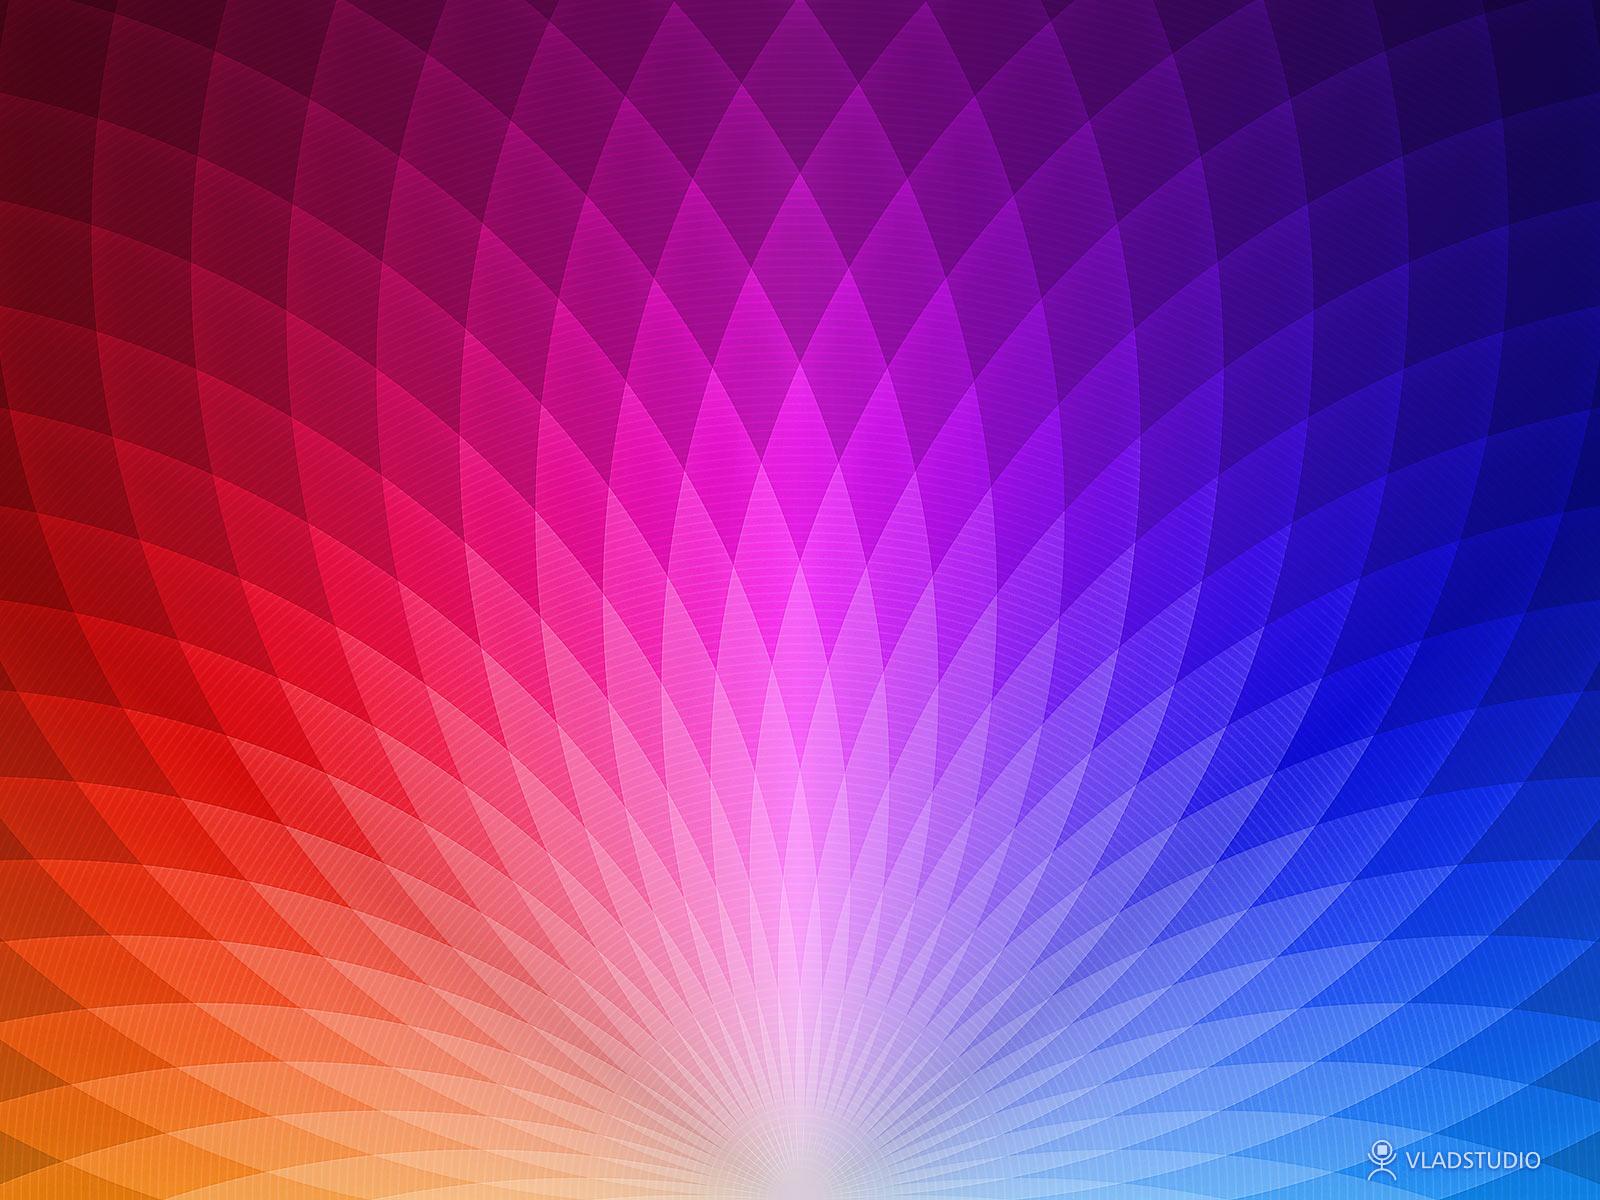 Inside the Rainbow